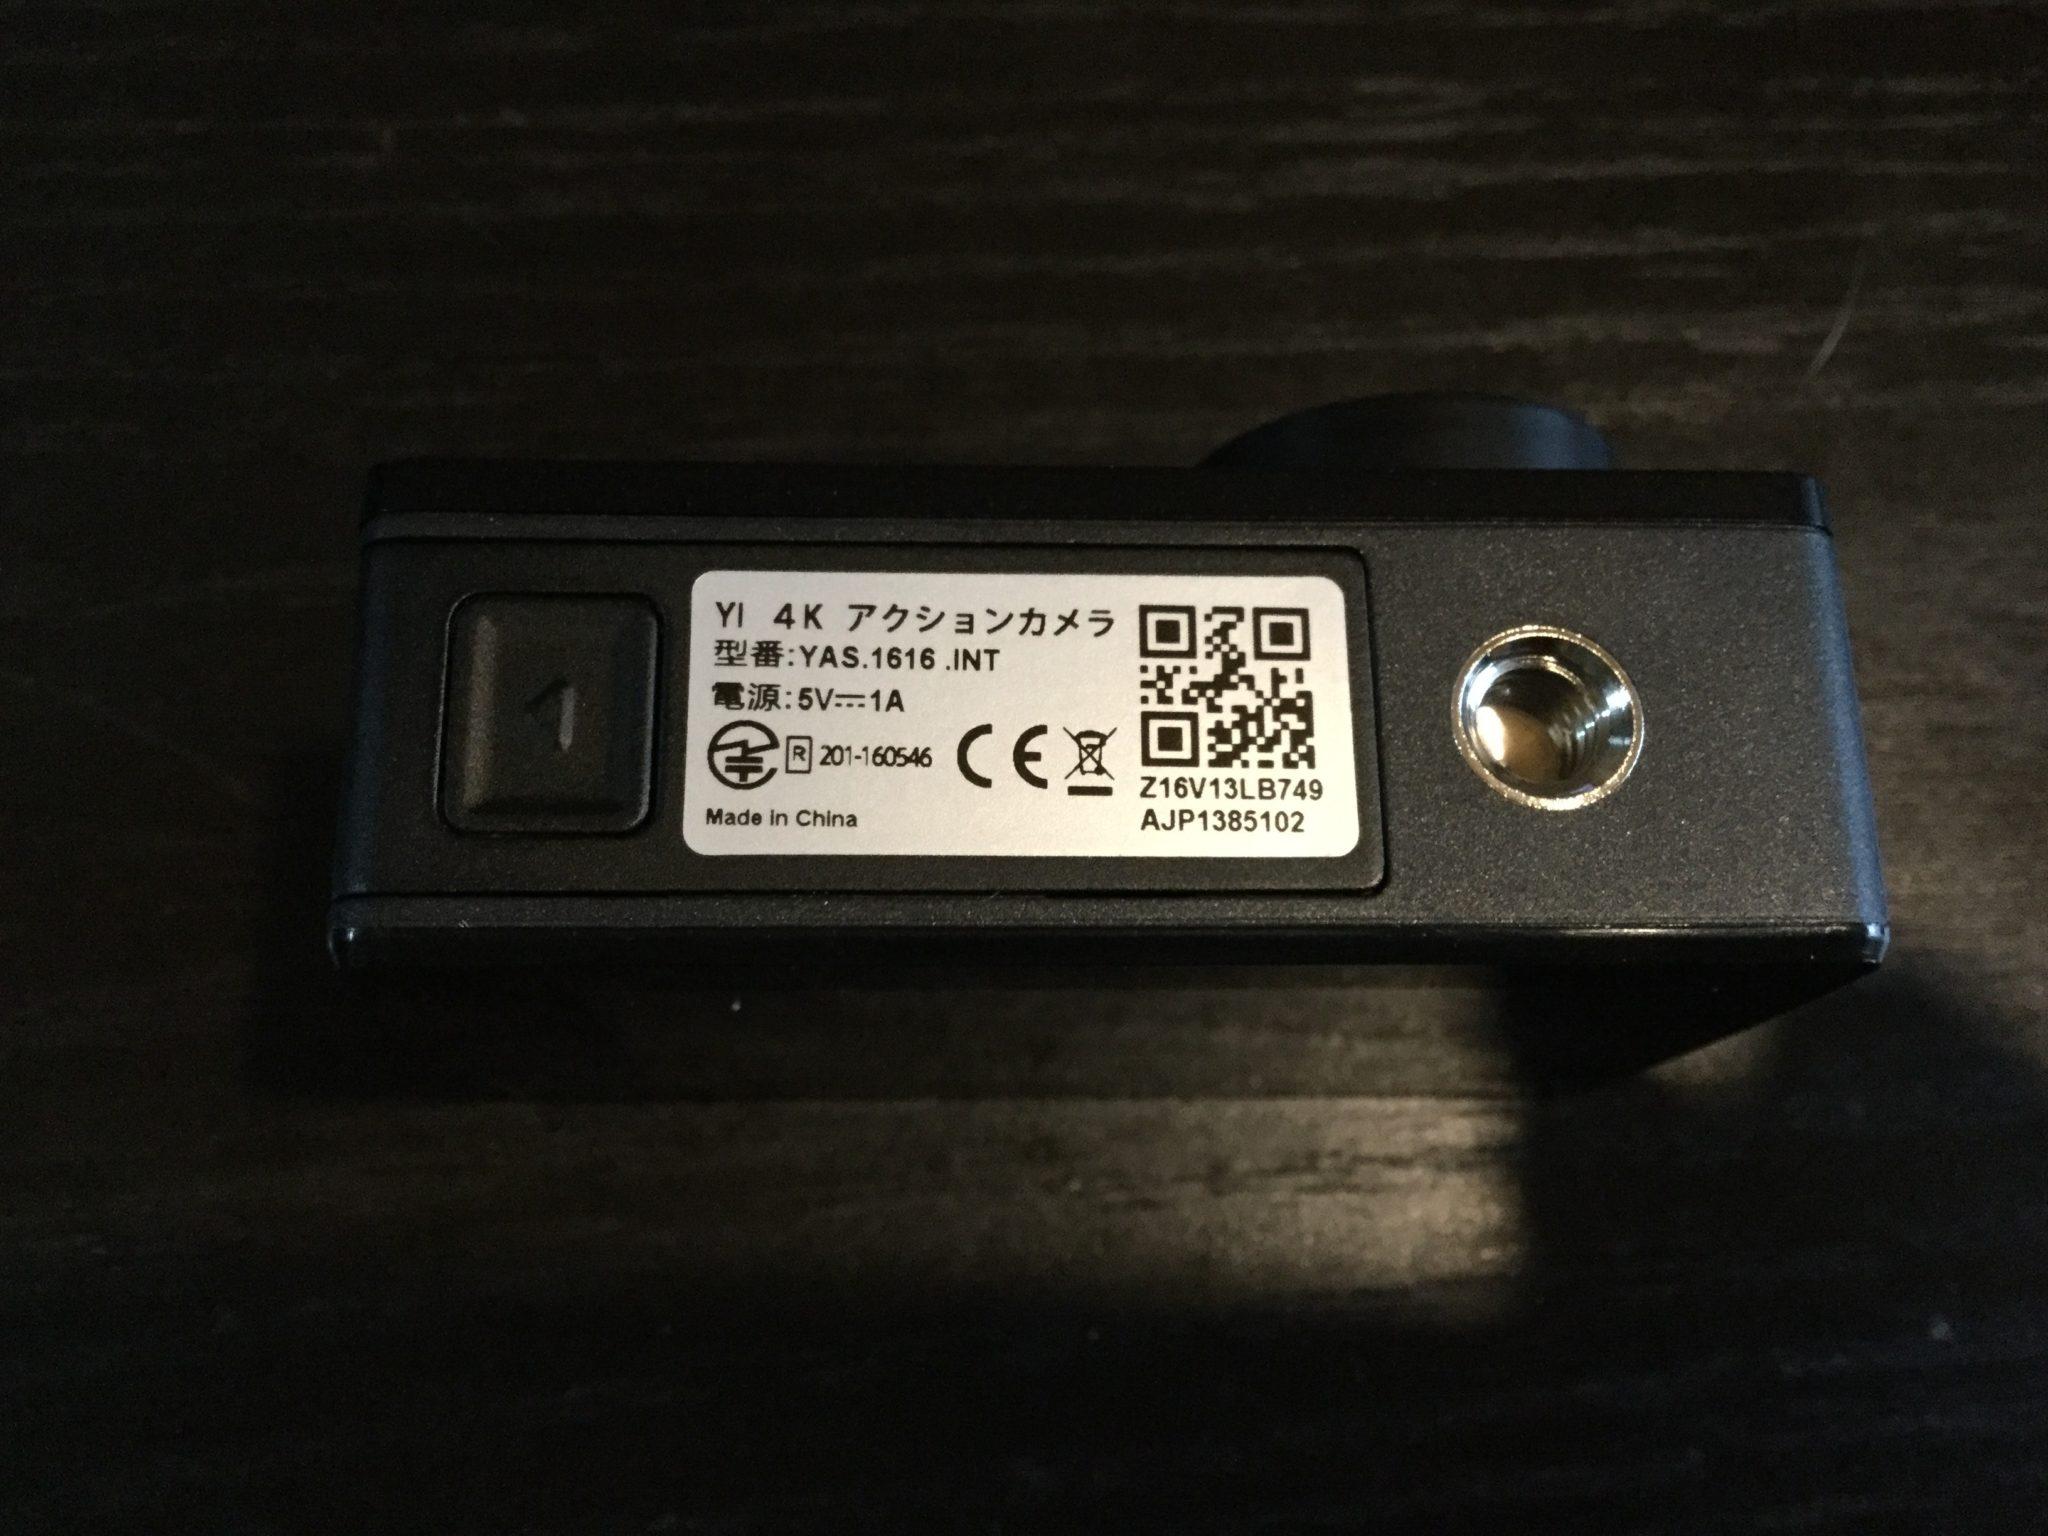 底面ネジ穴 YI 4Kアクションカメラ